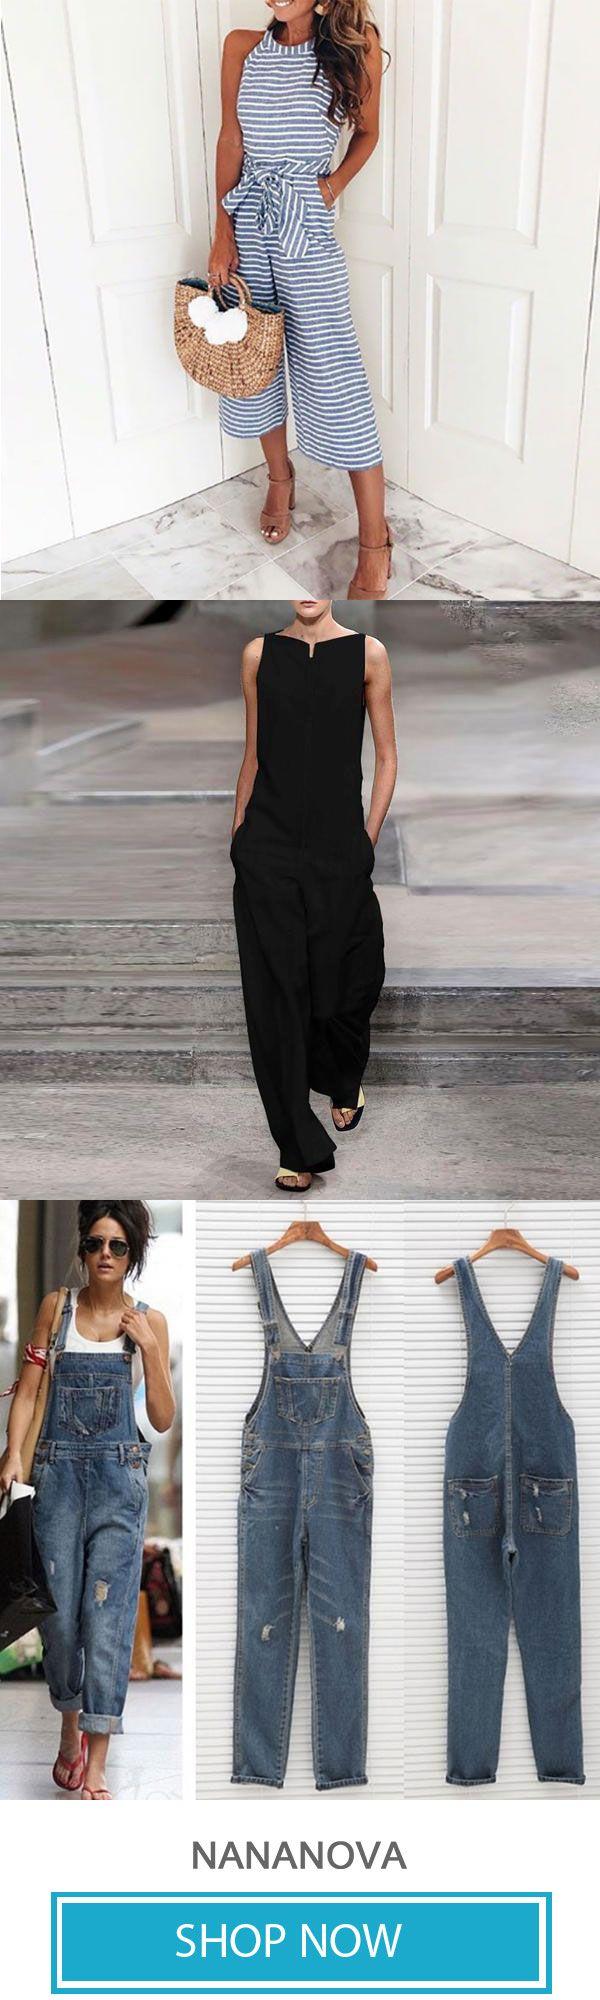 Riemen rückenfreie einfache ärmellose Overalls – Kleidung